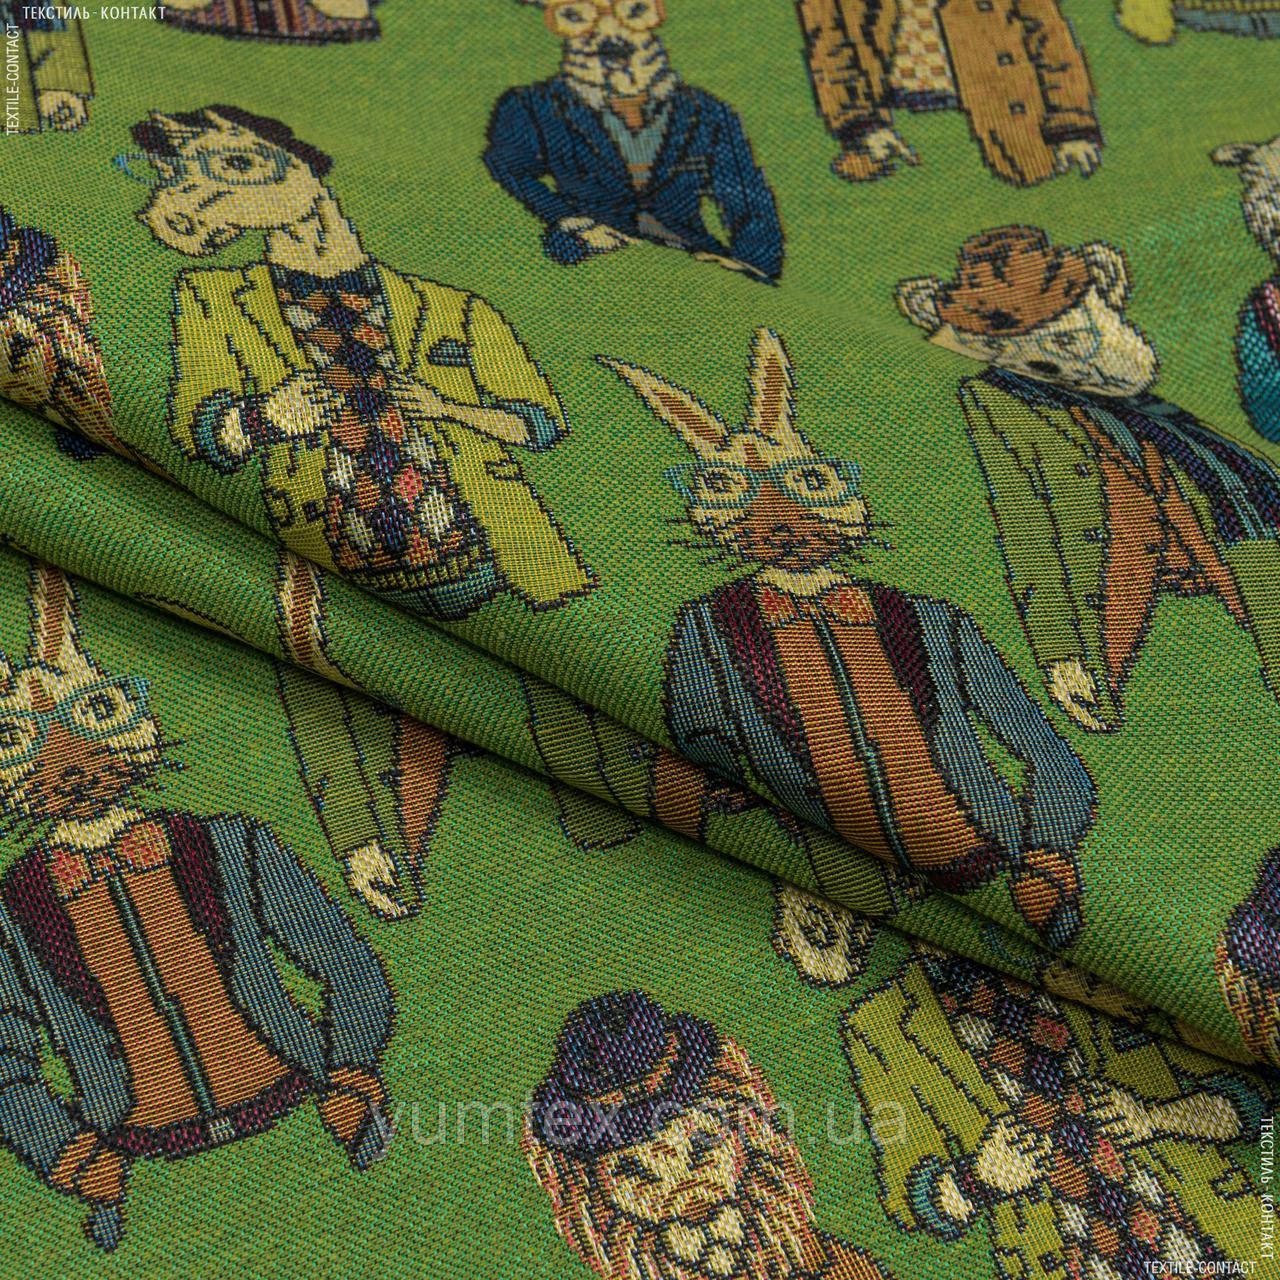 Жаккард animals фон зелений,звірятка кольорові 148967